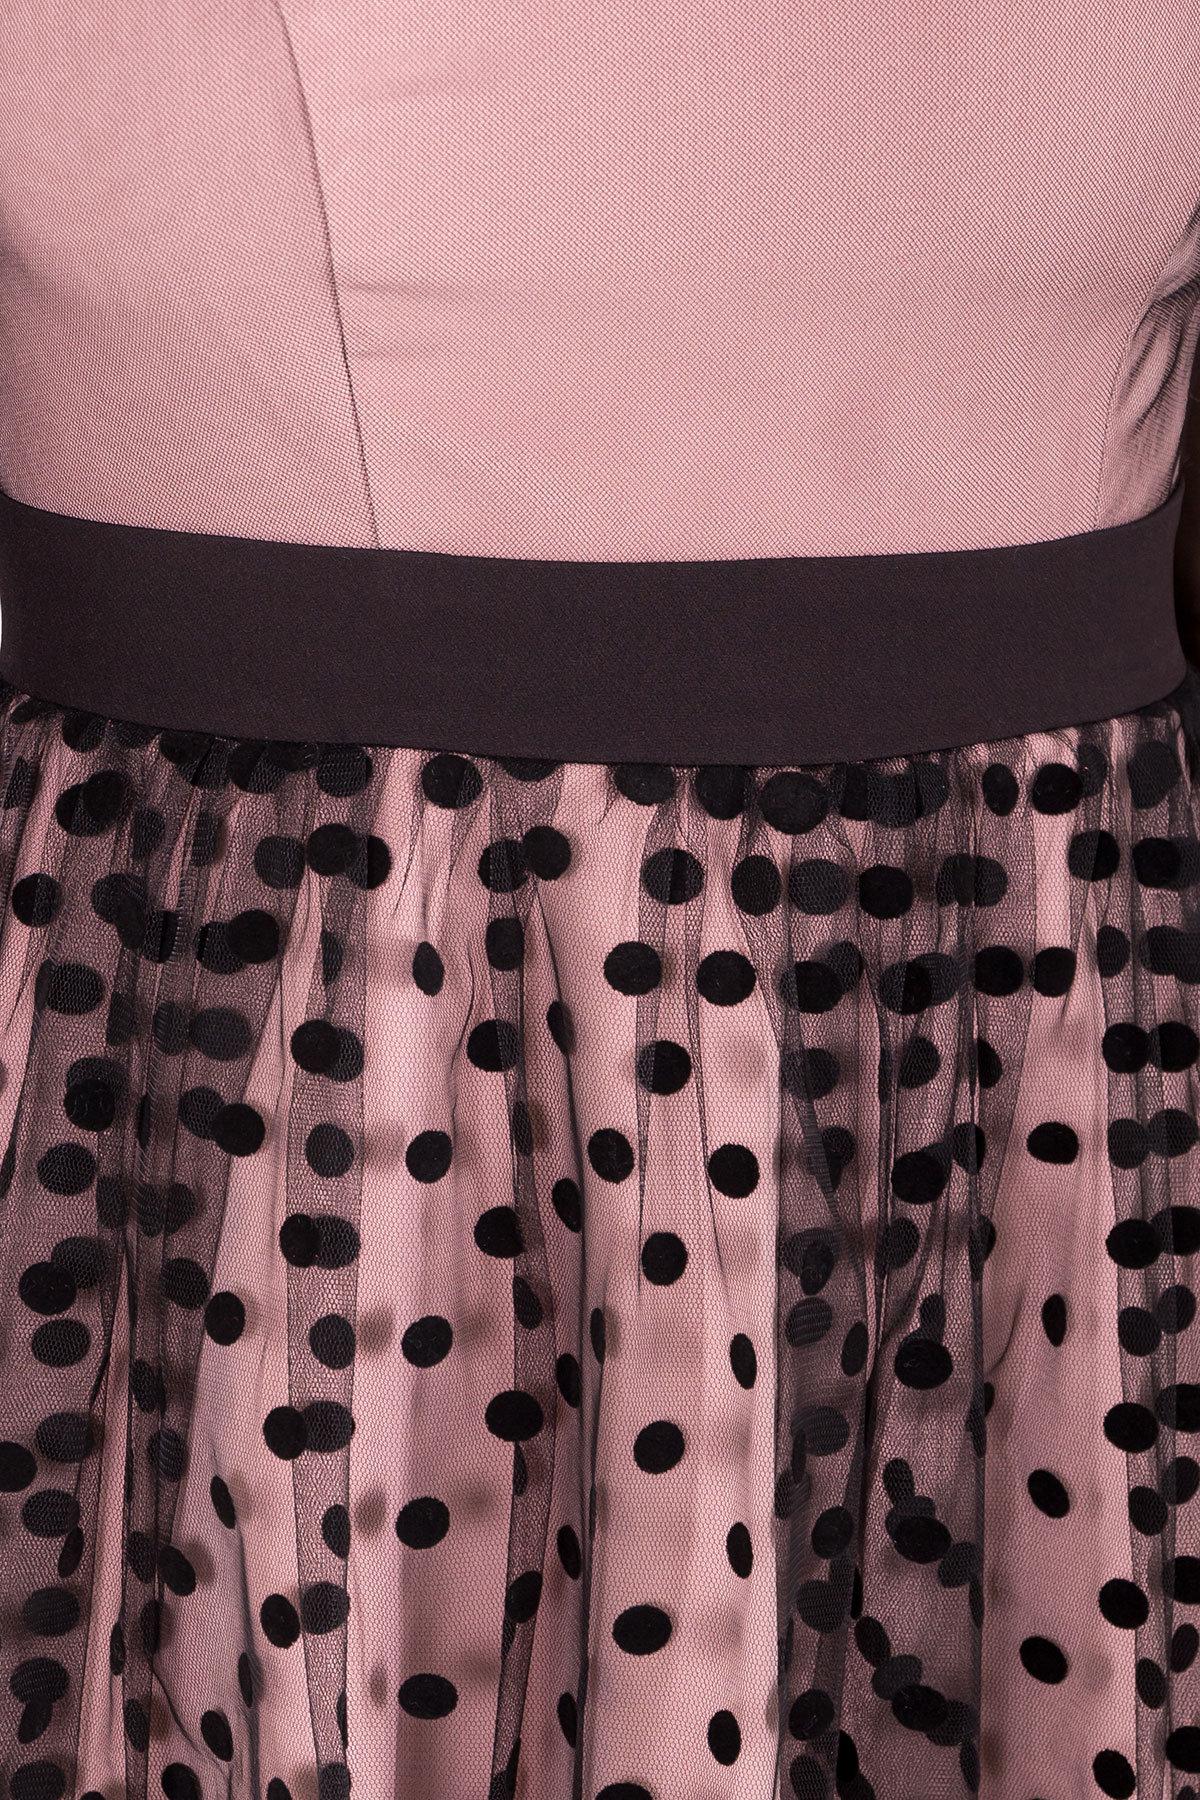 Платье Кароль 6062 Цвет: Пудра/черн горох крупный